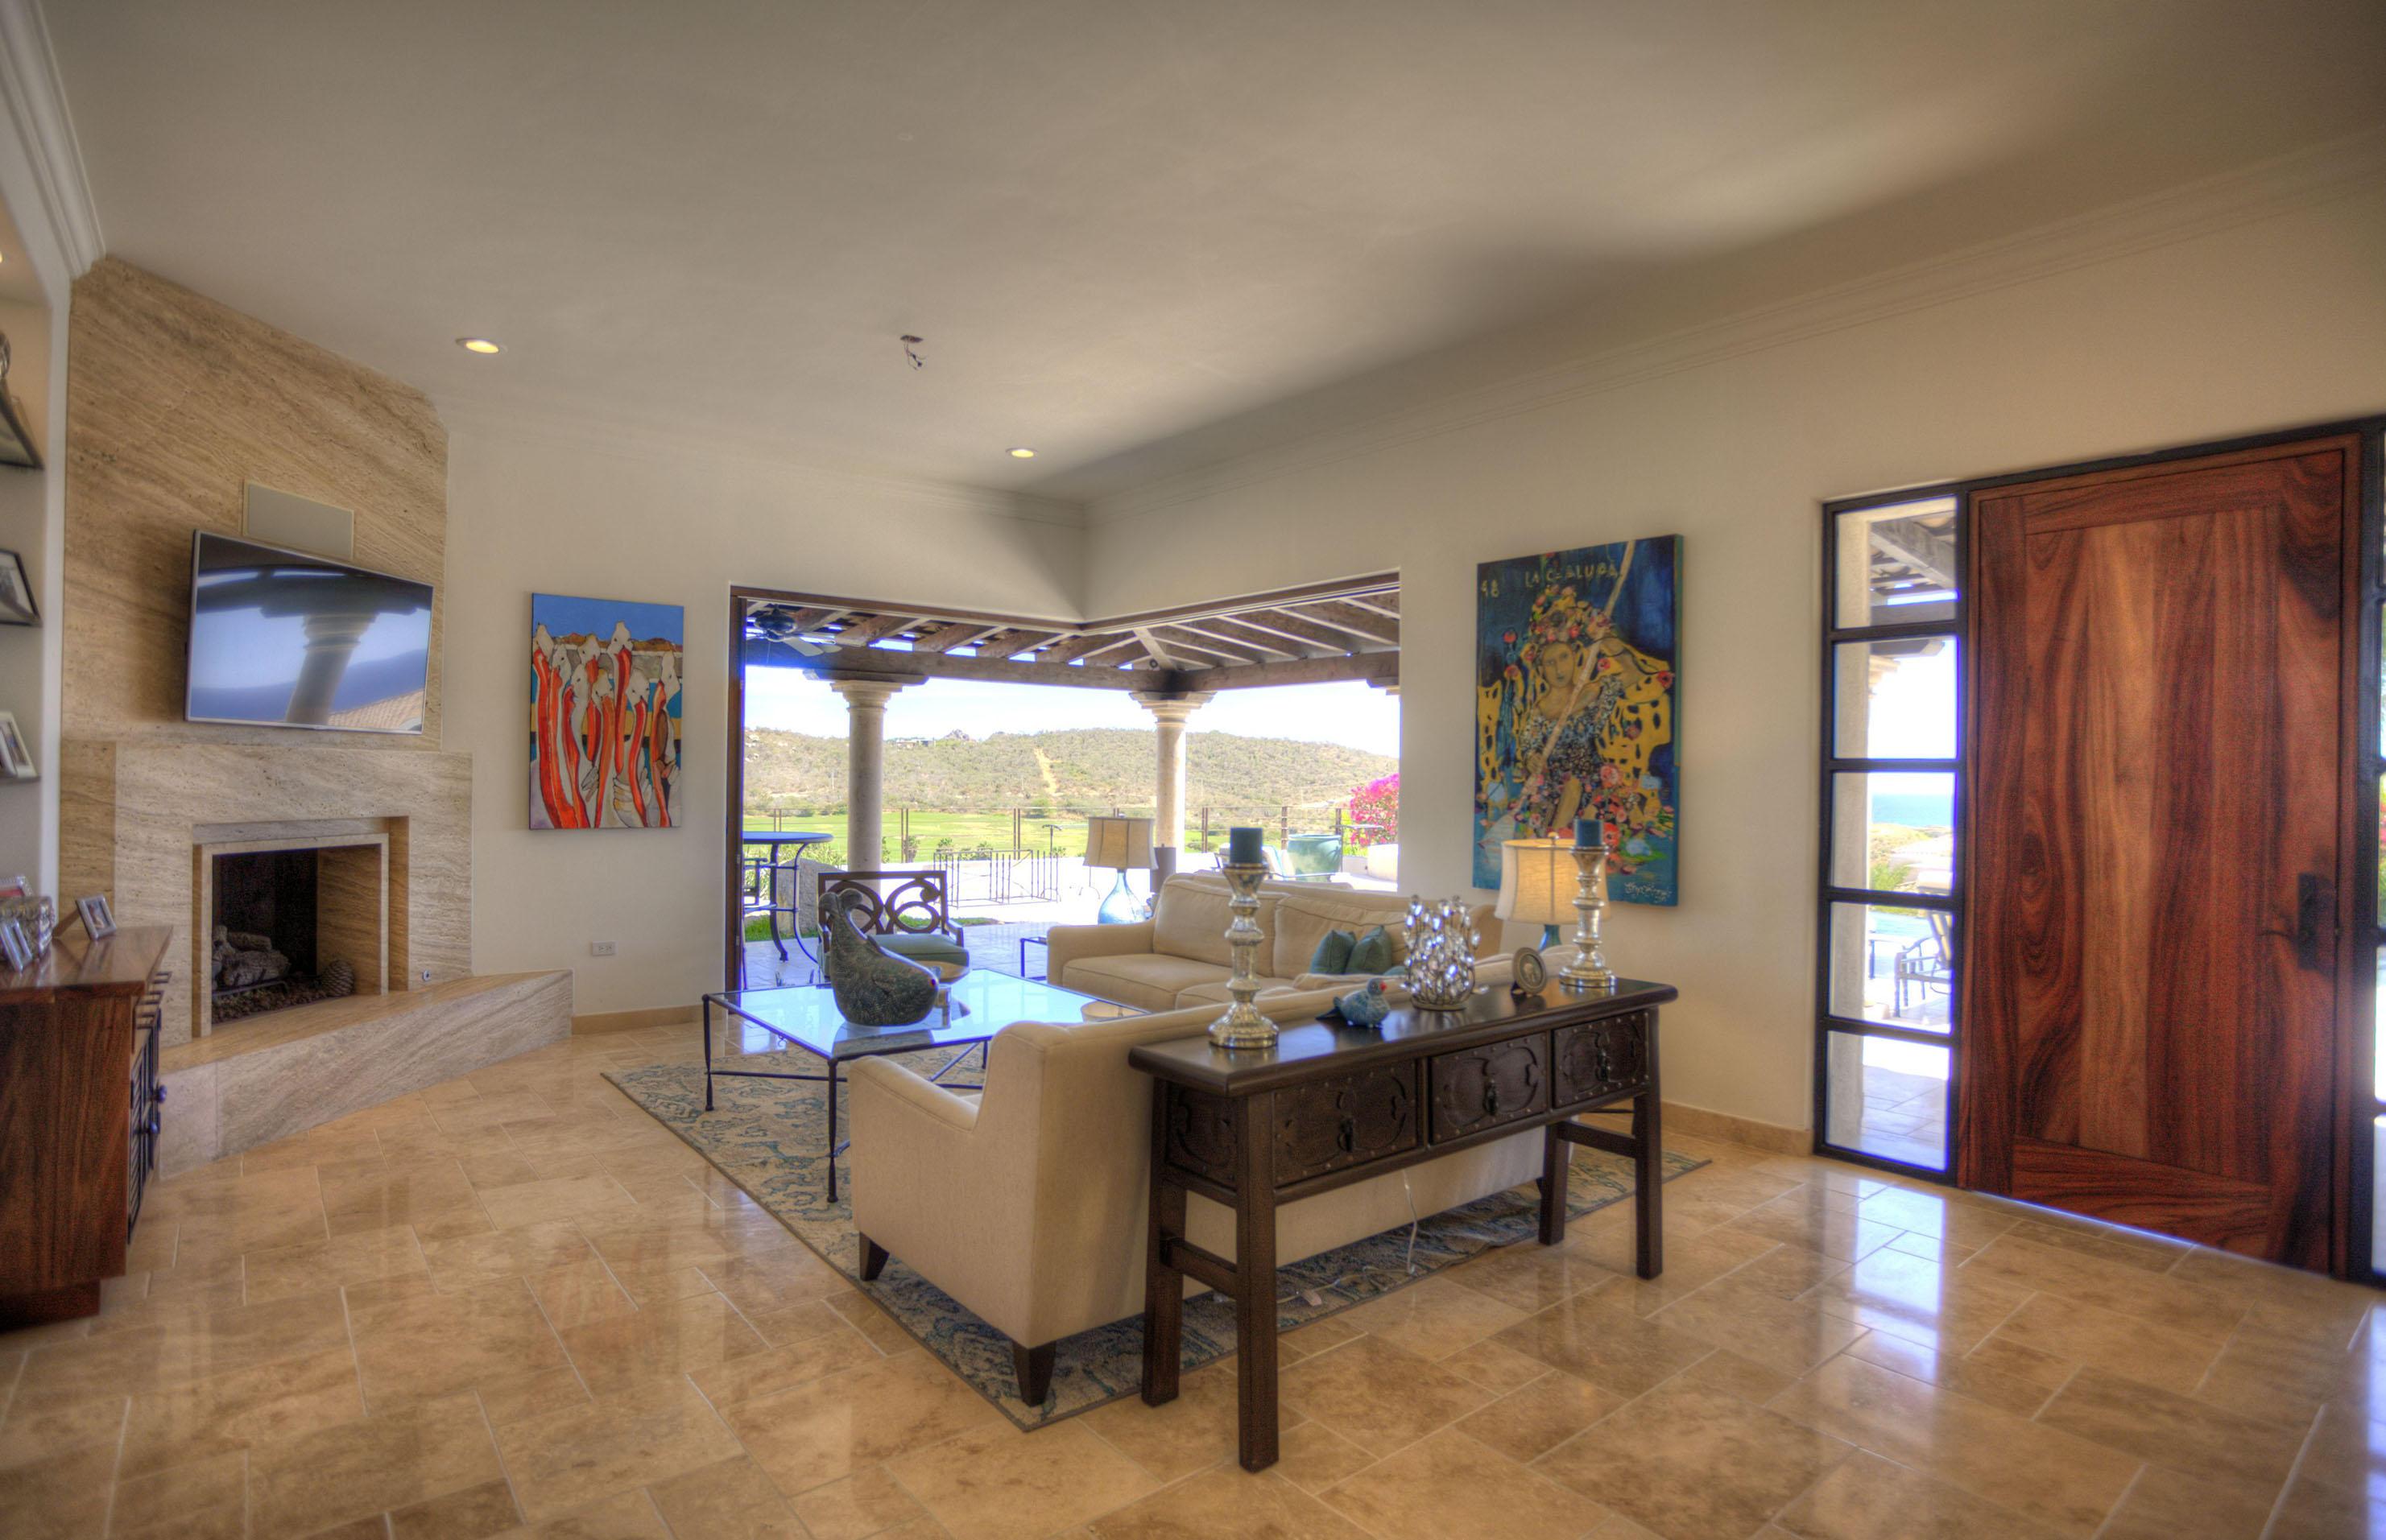 San Jose del Cabo, 4 Bedrooms Bedrooms, ,4 BathroomsBathrooms,House,For Sale,San Telmo,19-469